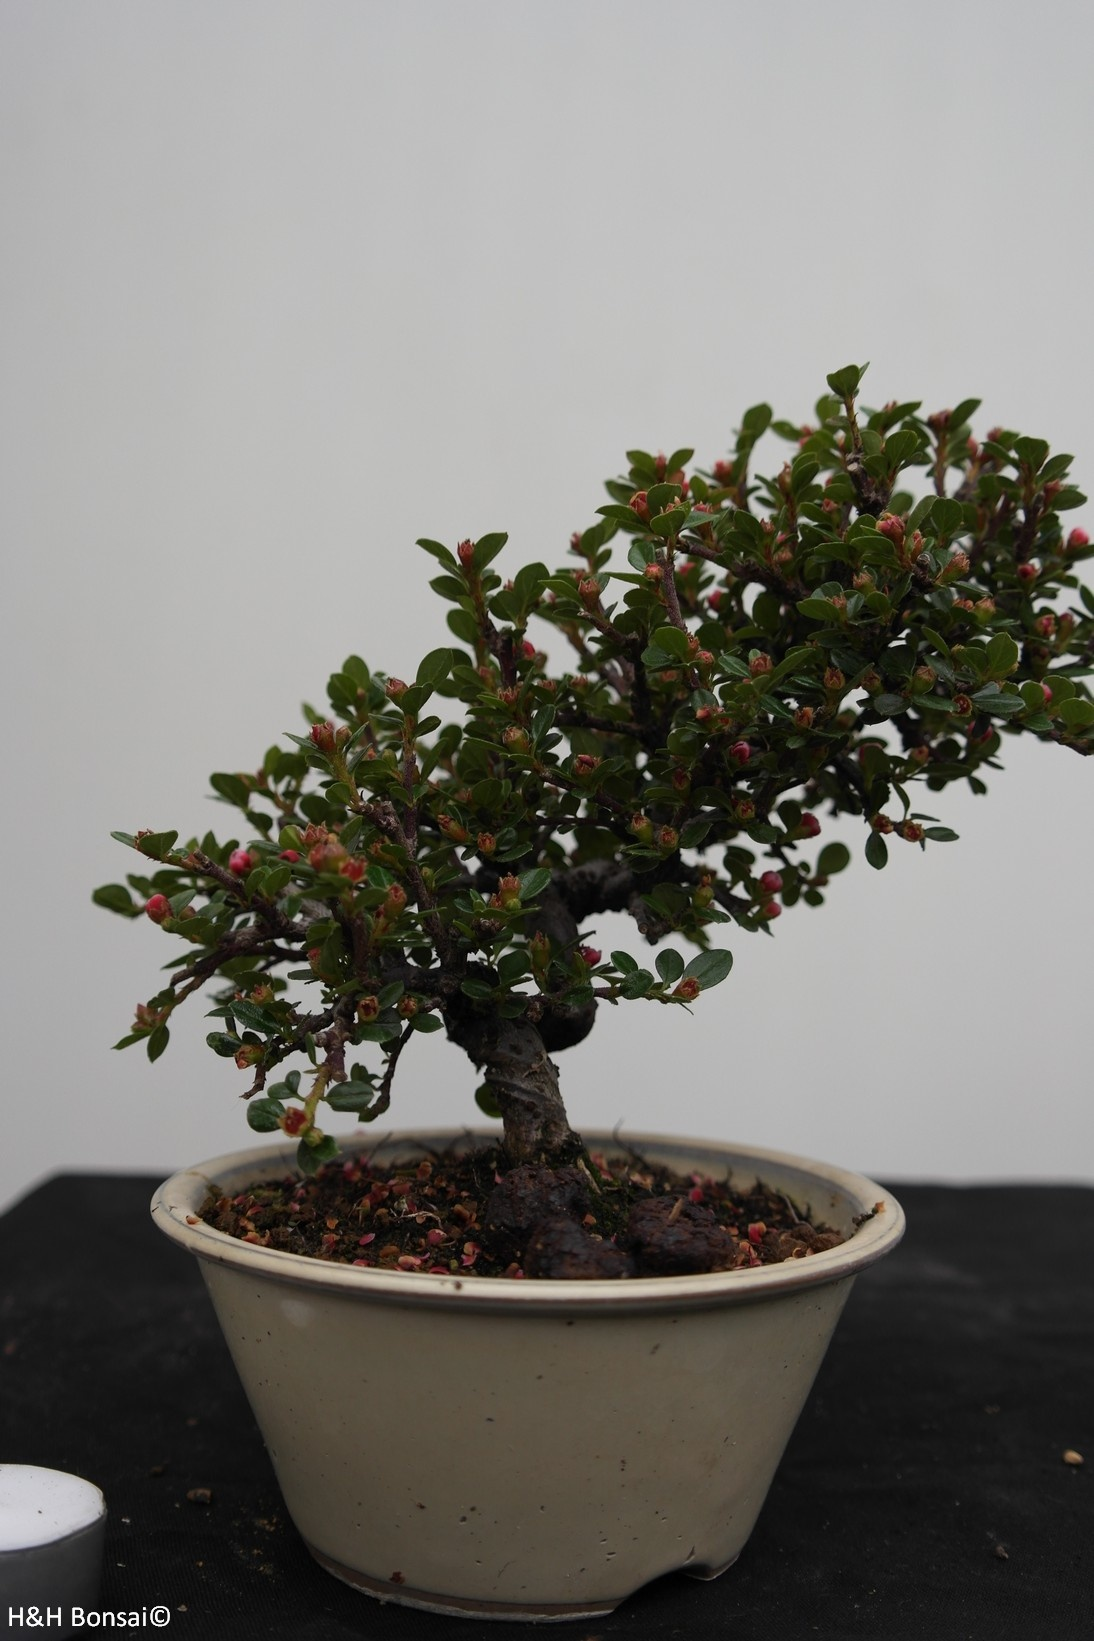 Bonsai Shohin Cotonéaster, Cotoneaster, no. 7771